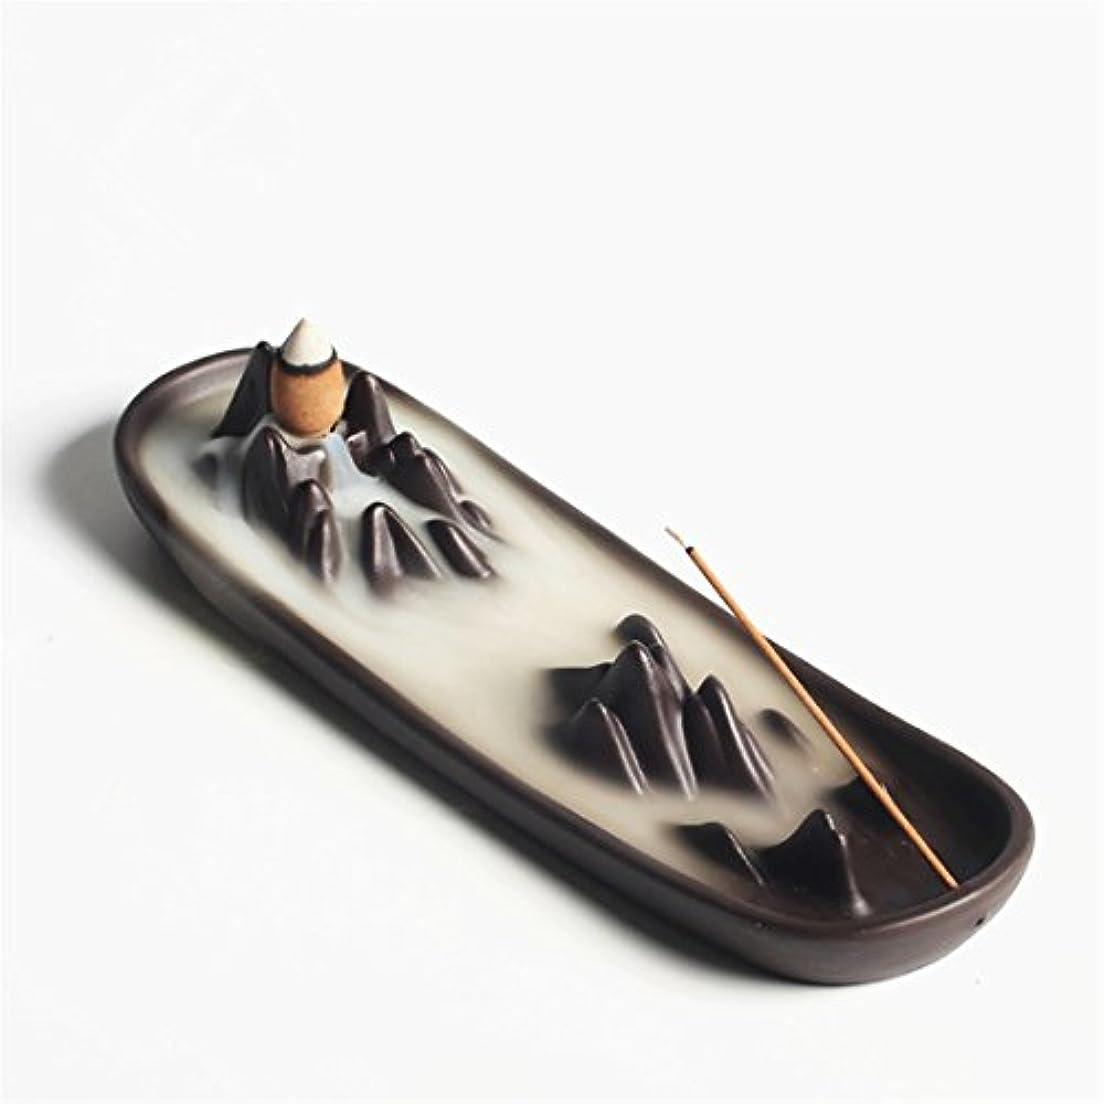 原理採用マーカーUoon Stick Incense Holder – ロータスリーフヴィンテージIncense Stick Holder円錐Ashキャッチャートレイwith安定ベース ブラック UOON-PAN023